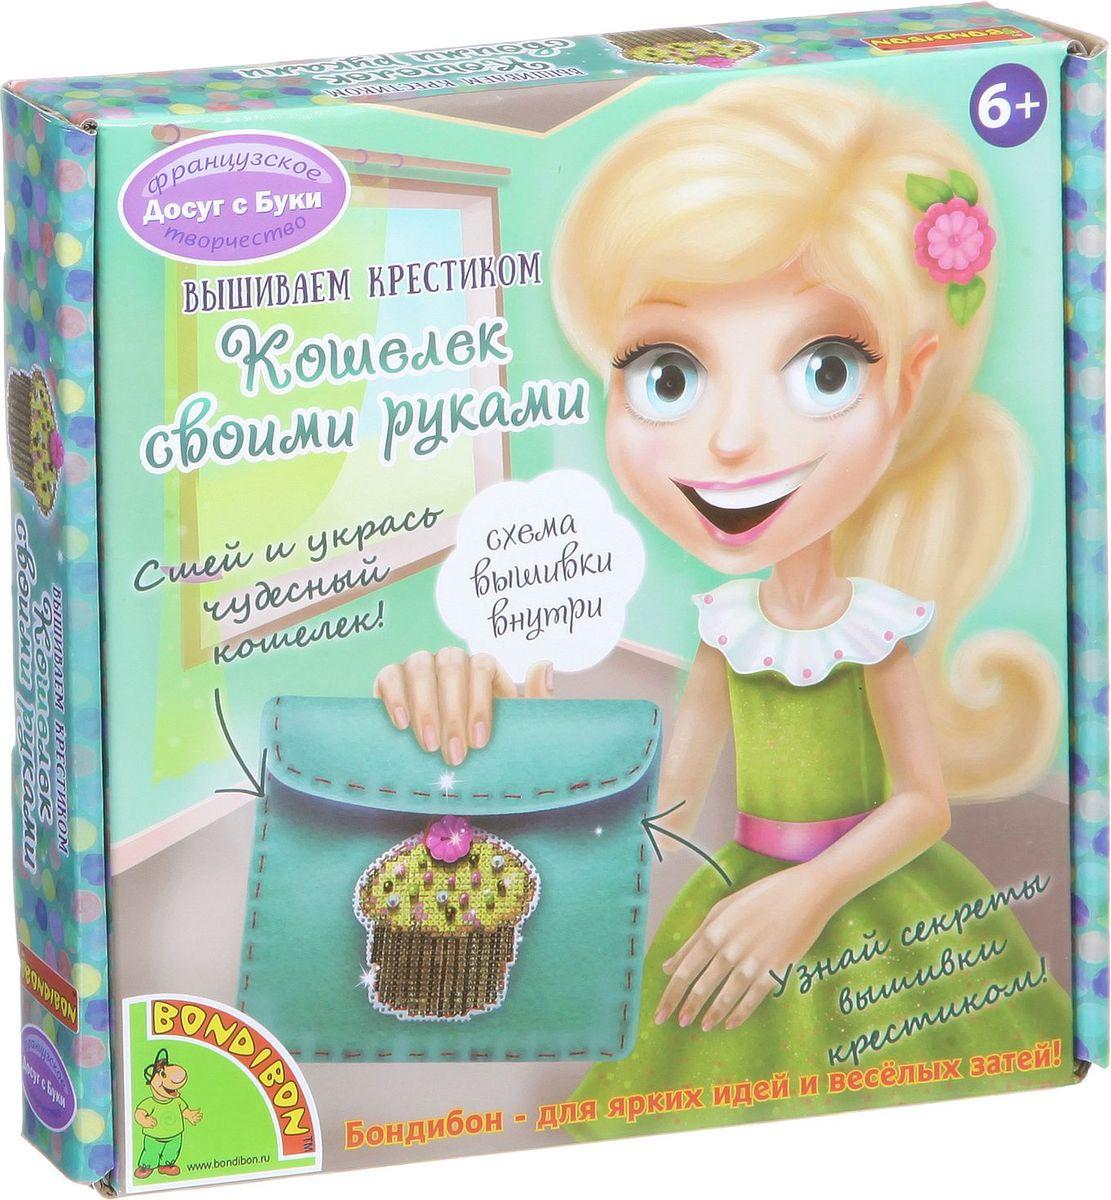 Bondibon Набор для вышивания Кошелек с пирожным